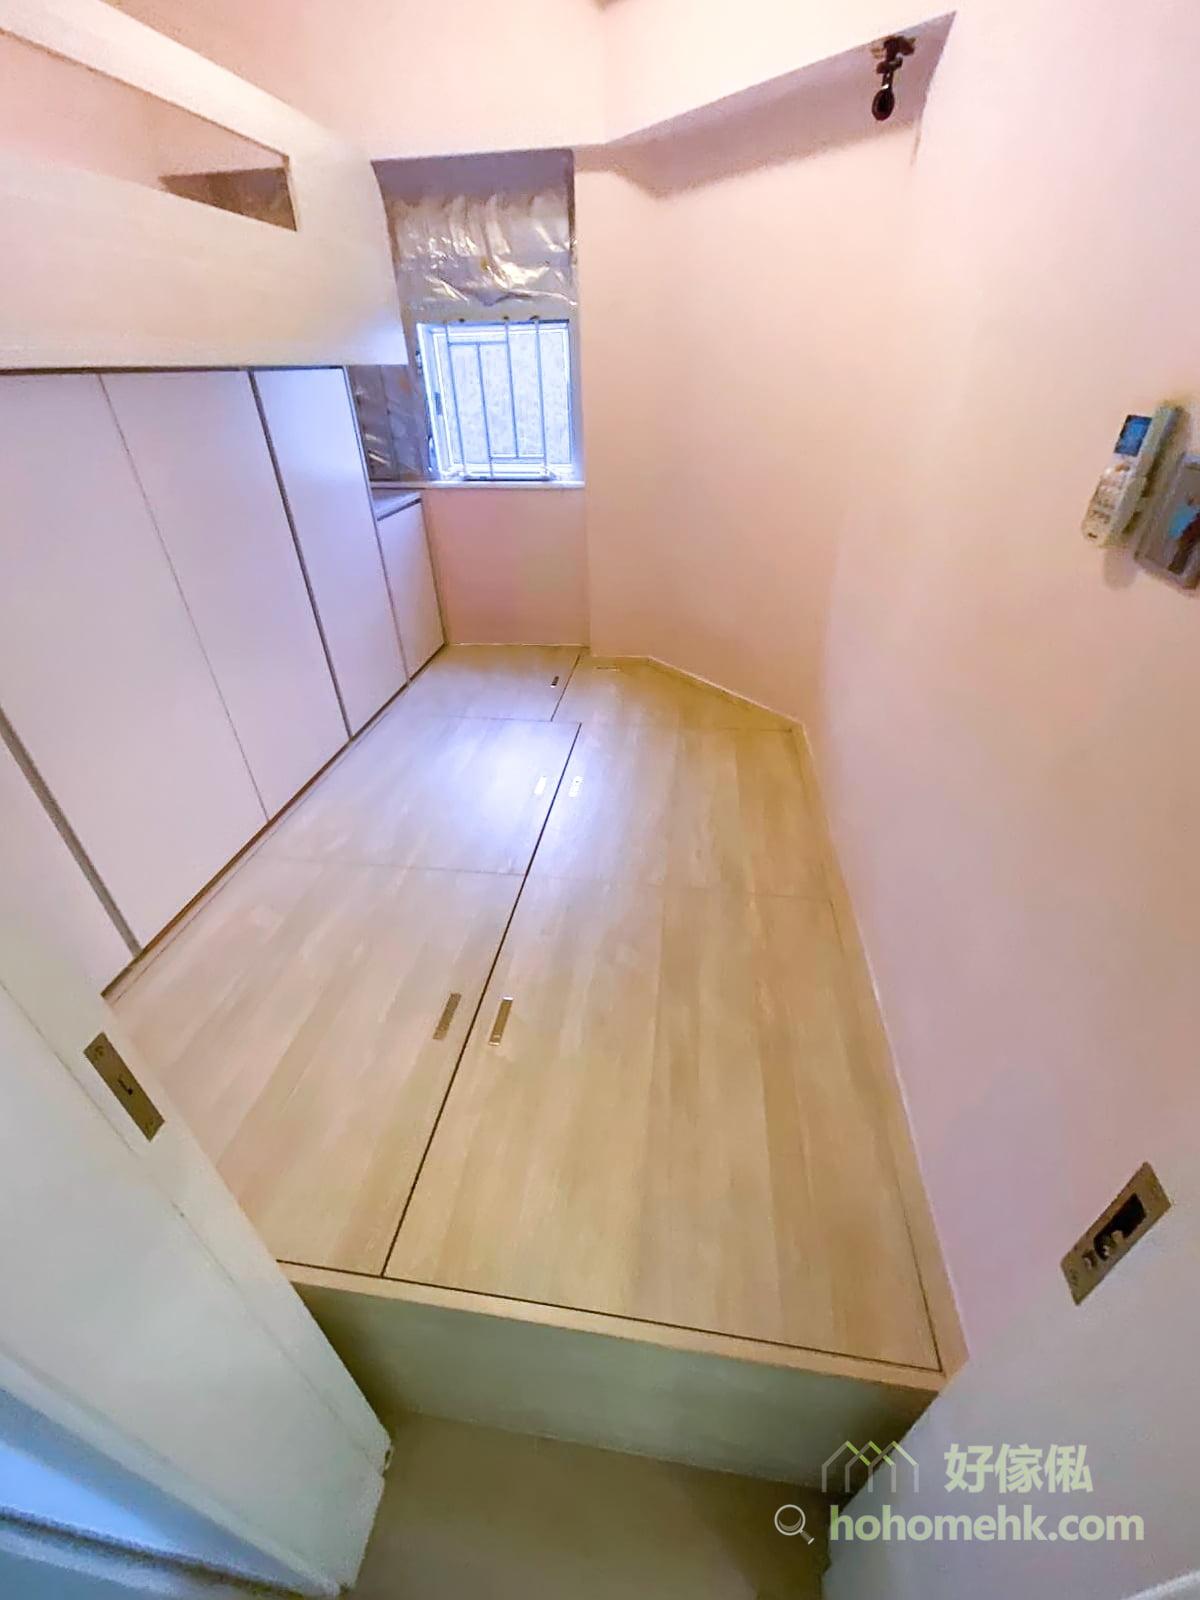 每個地台箱越大,線條也越疏落有致,更能拉長睡房的空間感,令人更加舒服